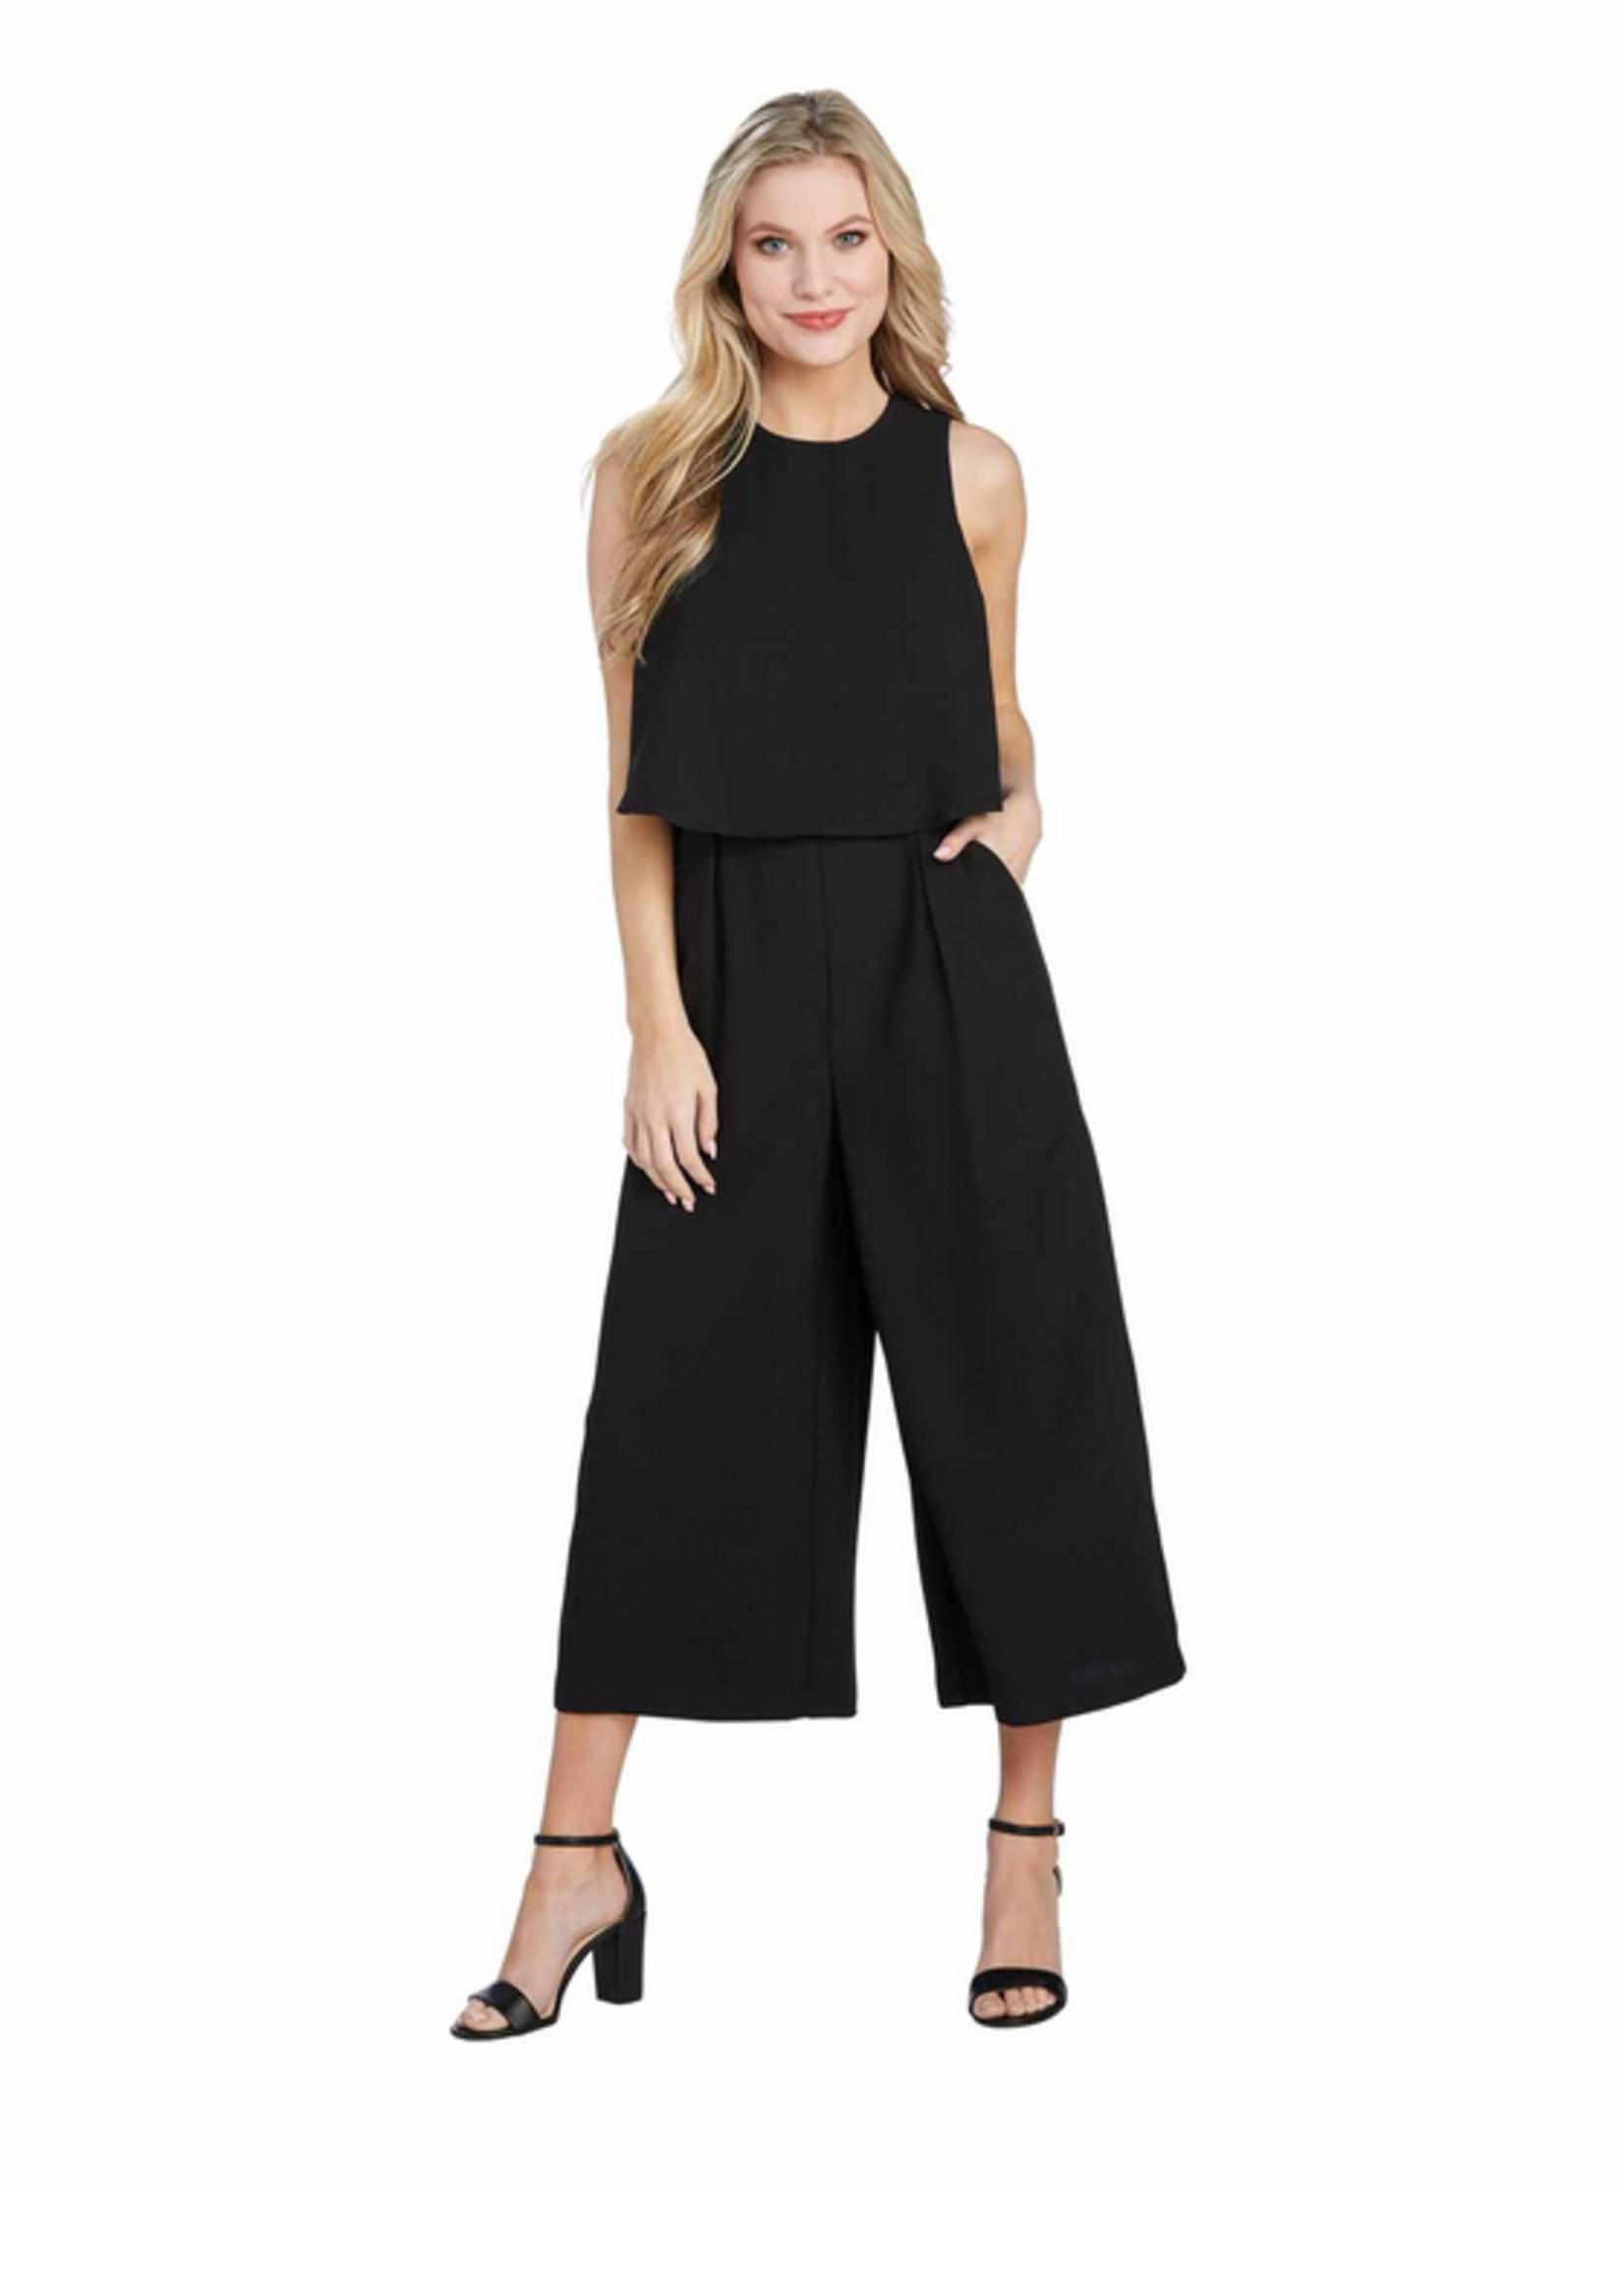 Elitaire Boutique Celine Black Jumpsuit